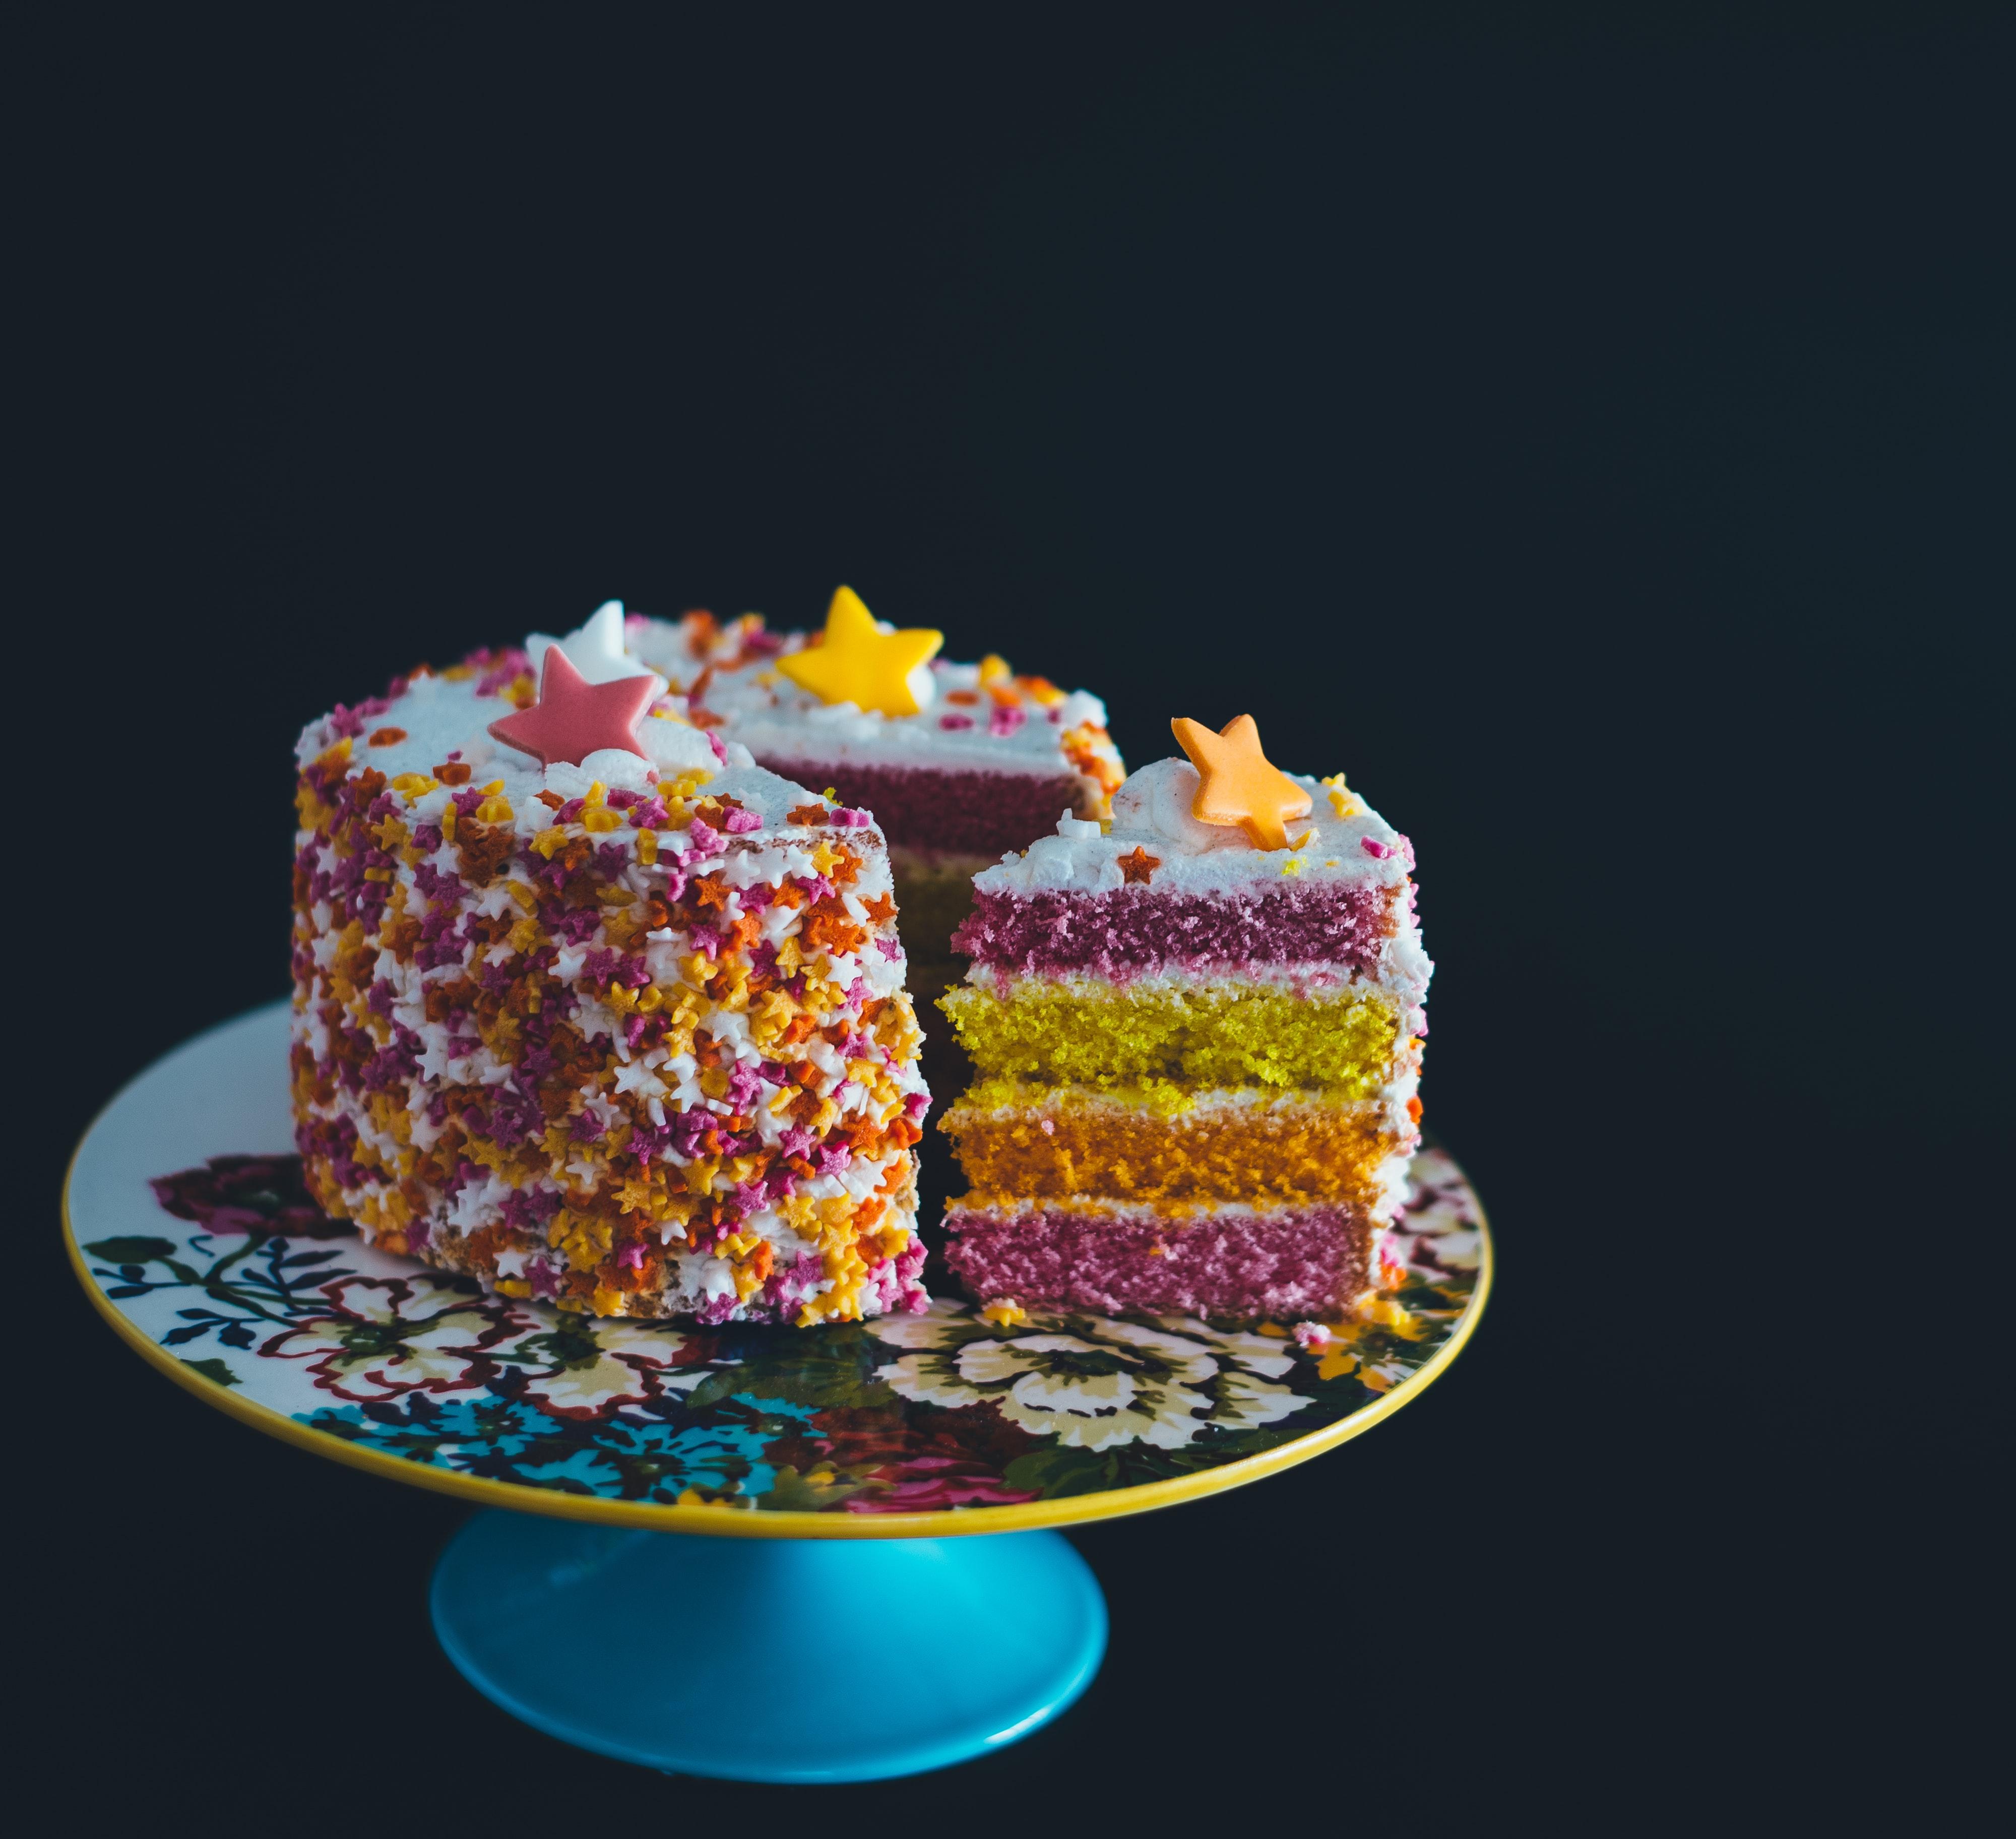 Linkki tapahtumaan Talviloma: CakeMaster-kakunkoristelukisa - Finaali pe 26.2.